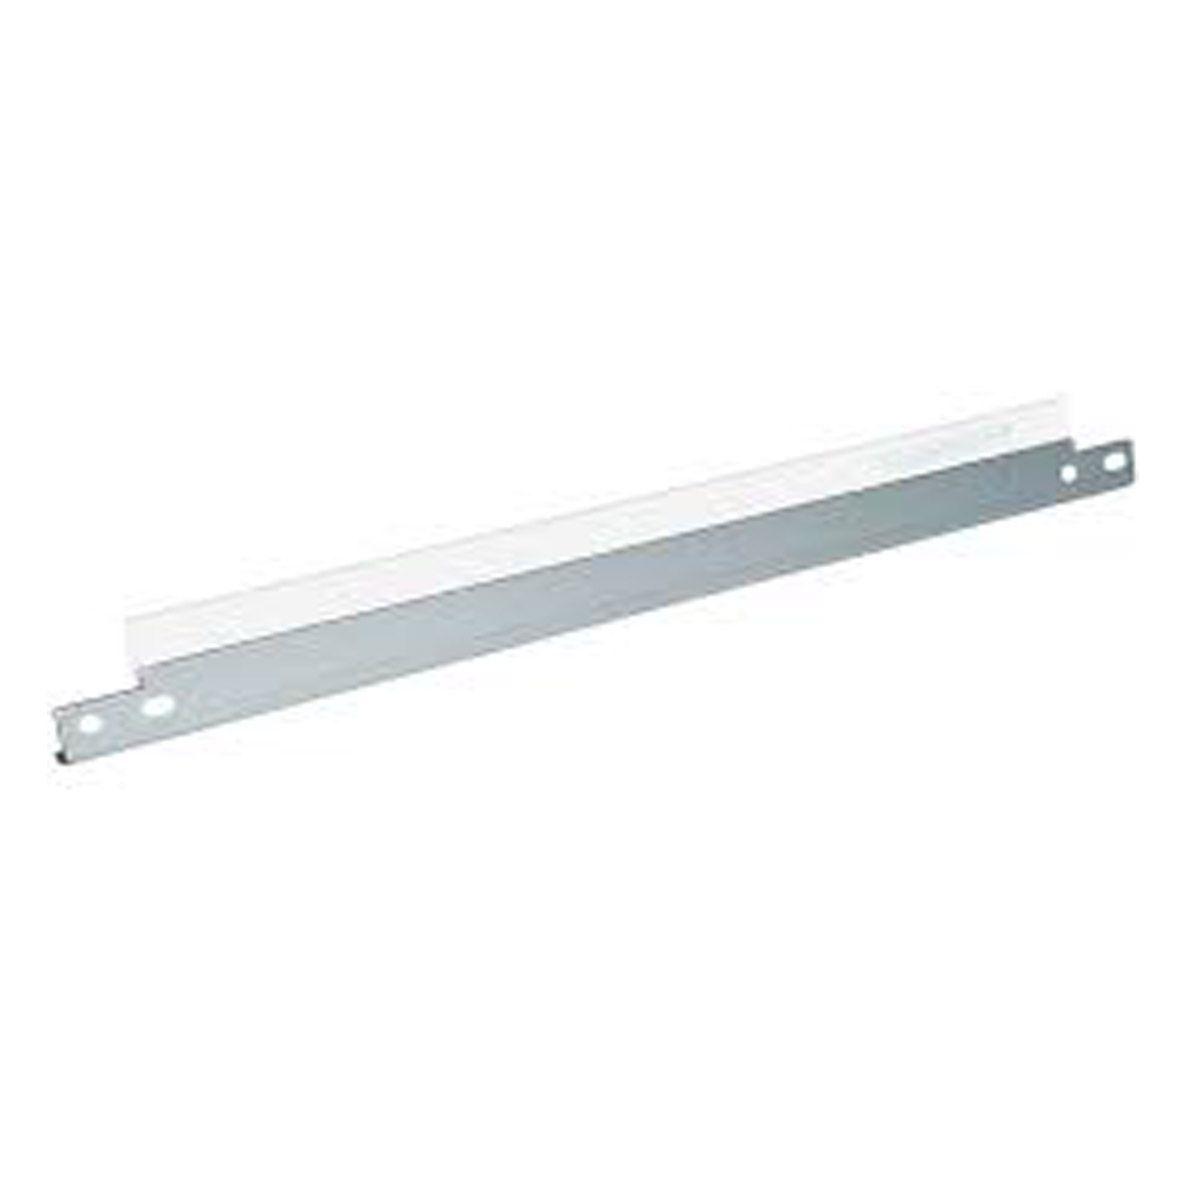 Lamina Dosadora Doctor Blade HP CE285 285A 285 - P1102 P1102W 1102 M1212 M1132 1132